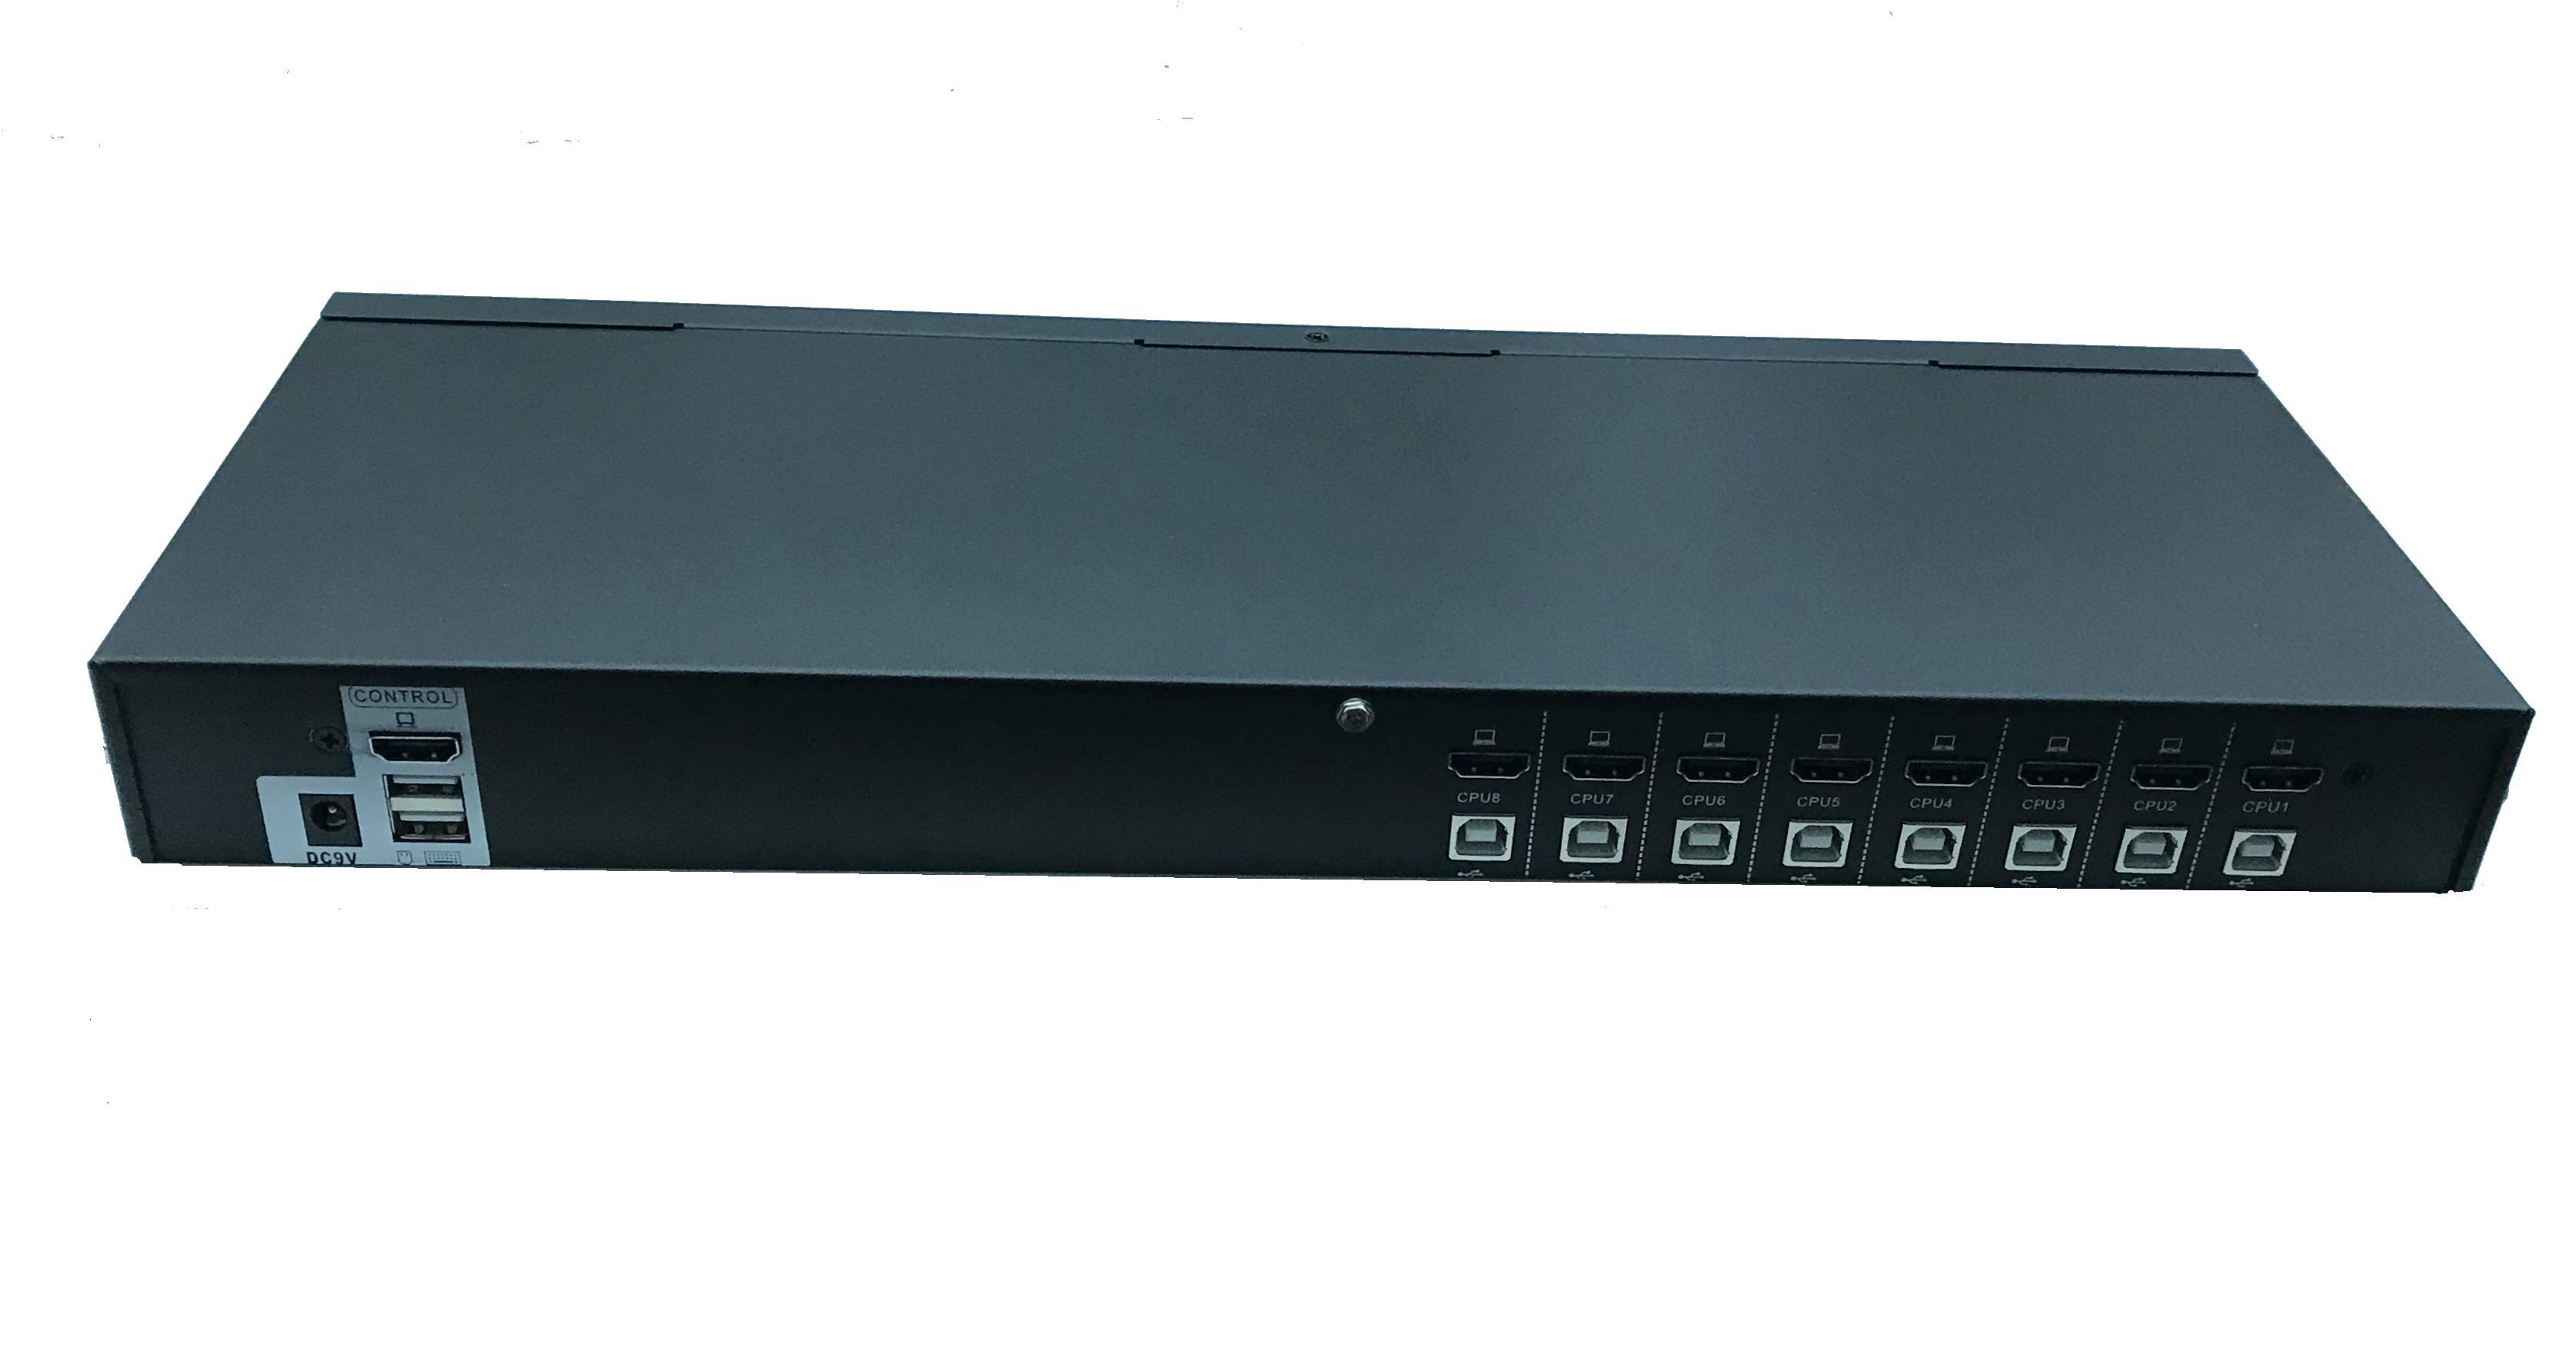 Switch kvm 8 porte per 8 pc usb/hdmi con un mouse e tastiera usb e video hdmi, cavi inclusi, gestione manuale e osd